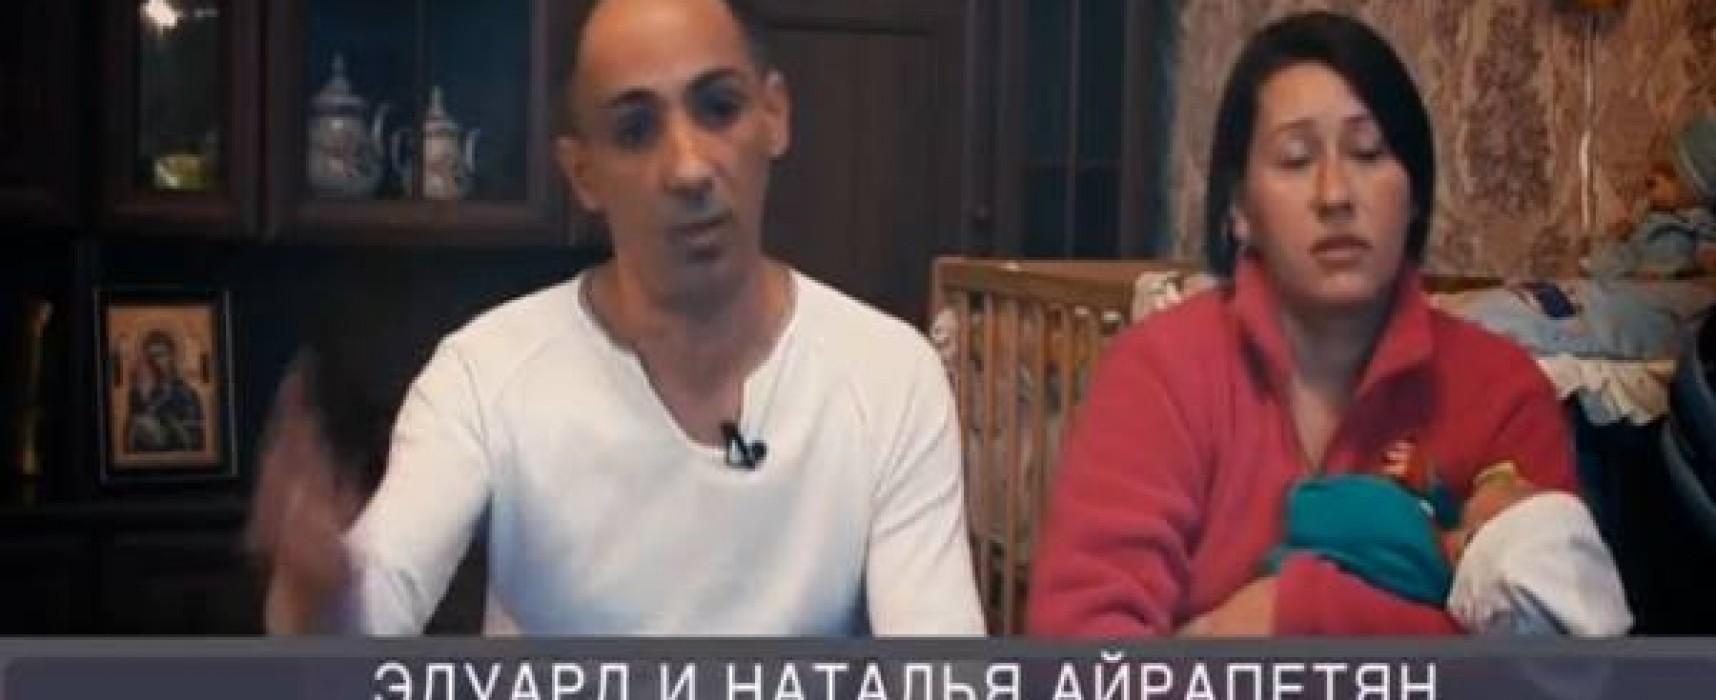 Канал Россия 24 сделал героя из участника событий в Одессе 2 мая, которого обвиняют в убийствах